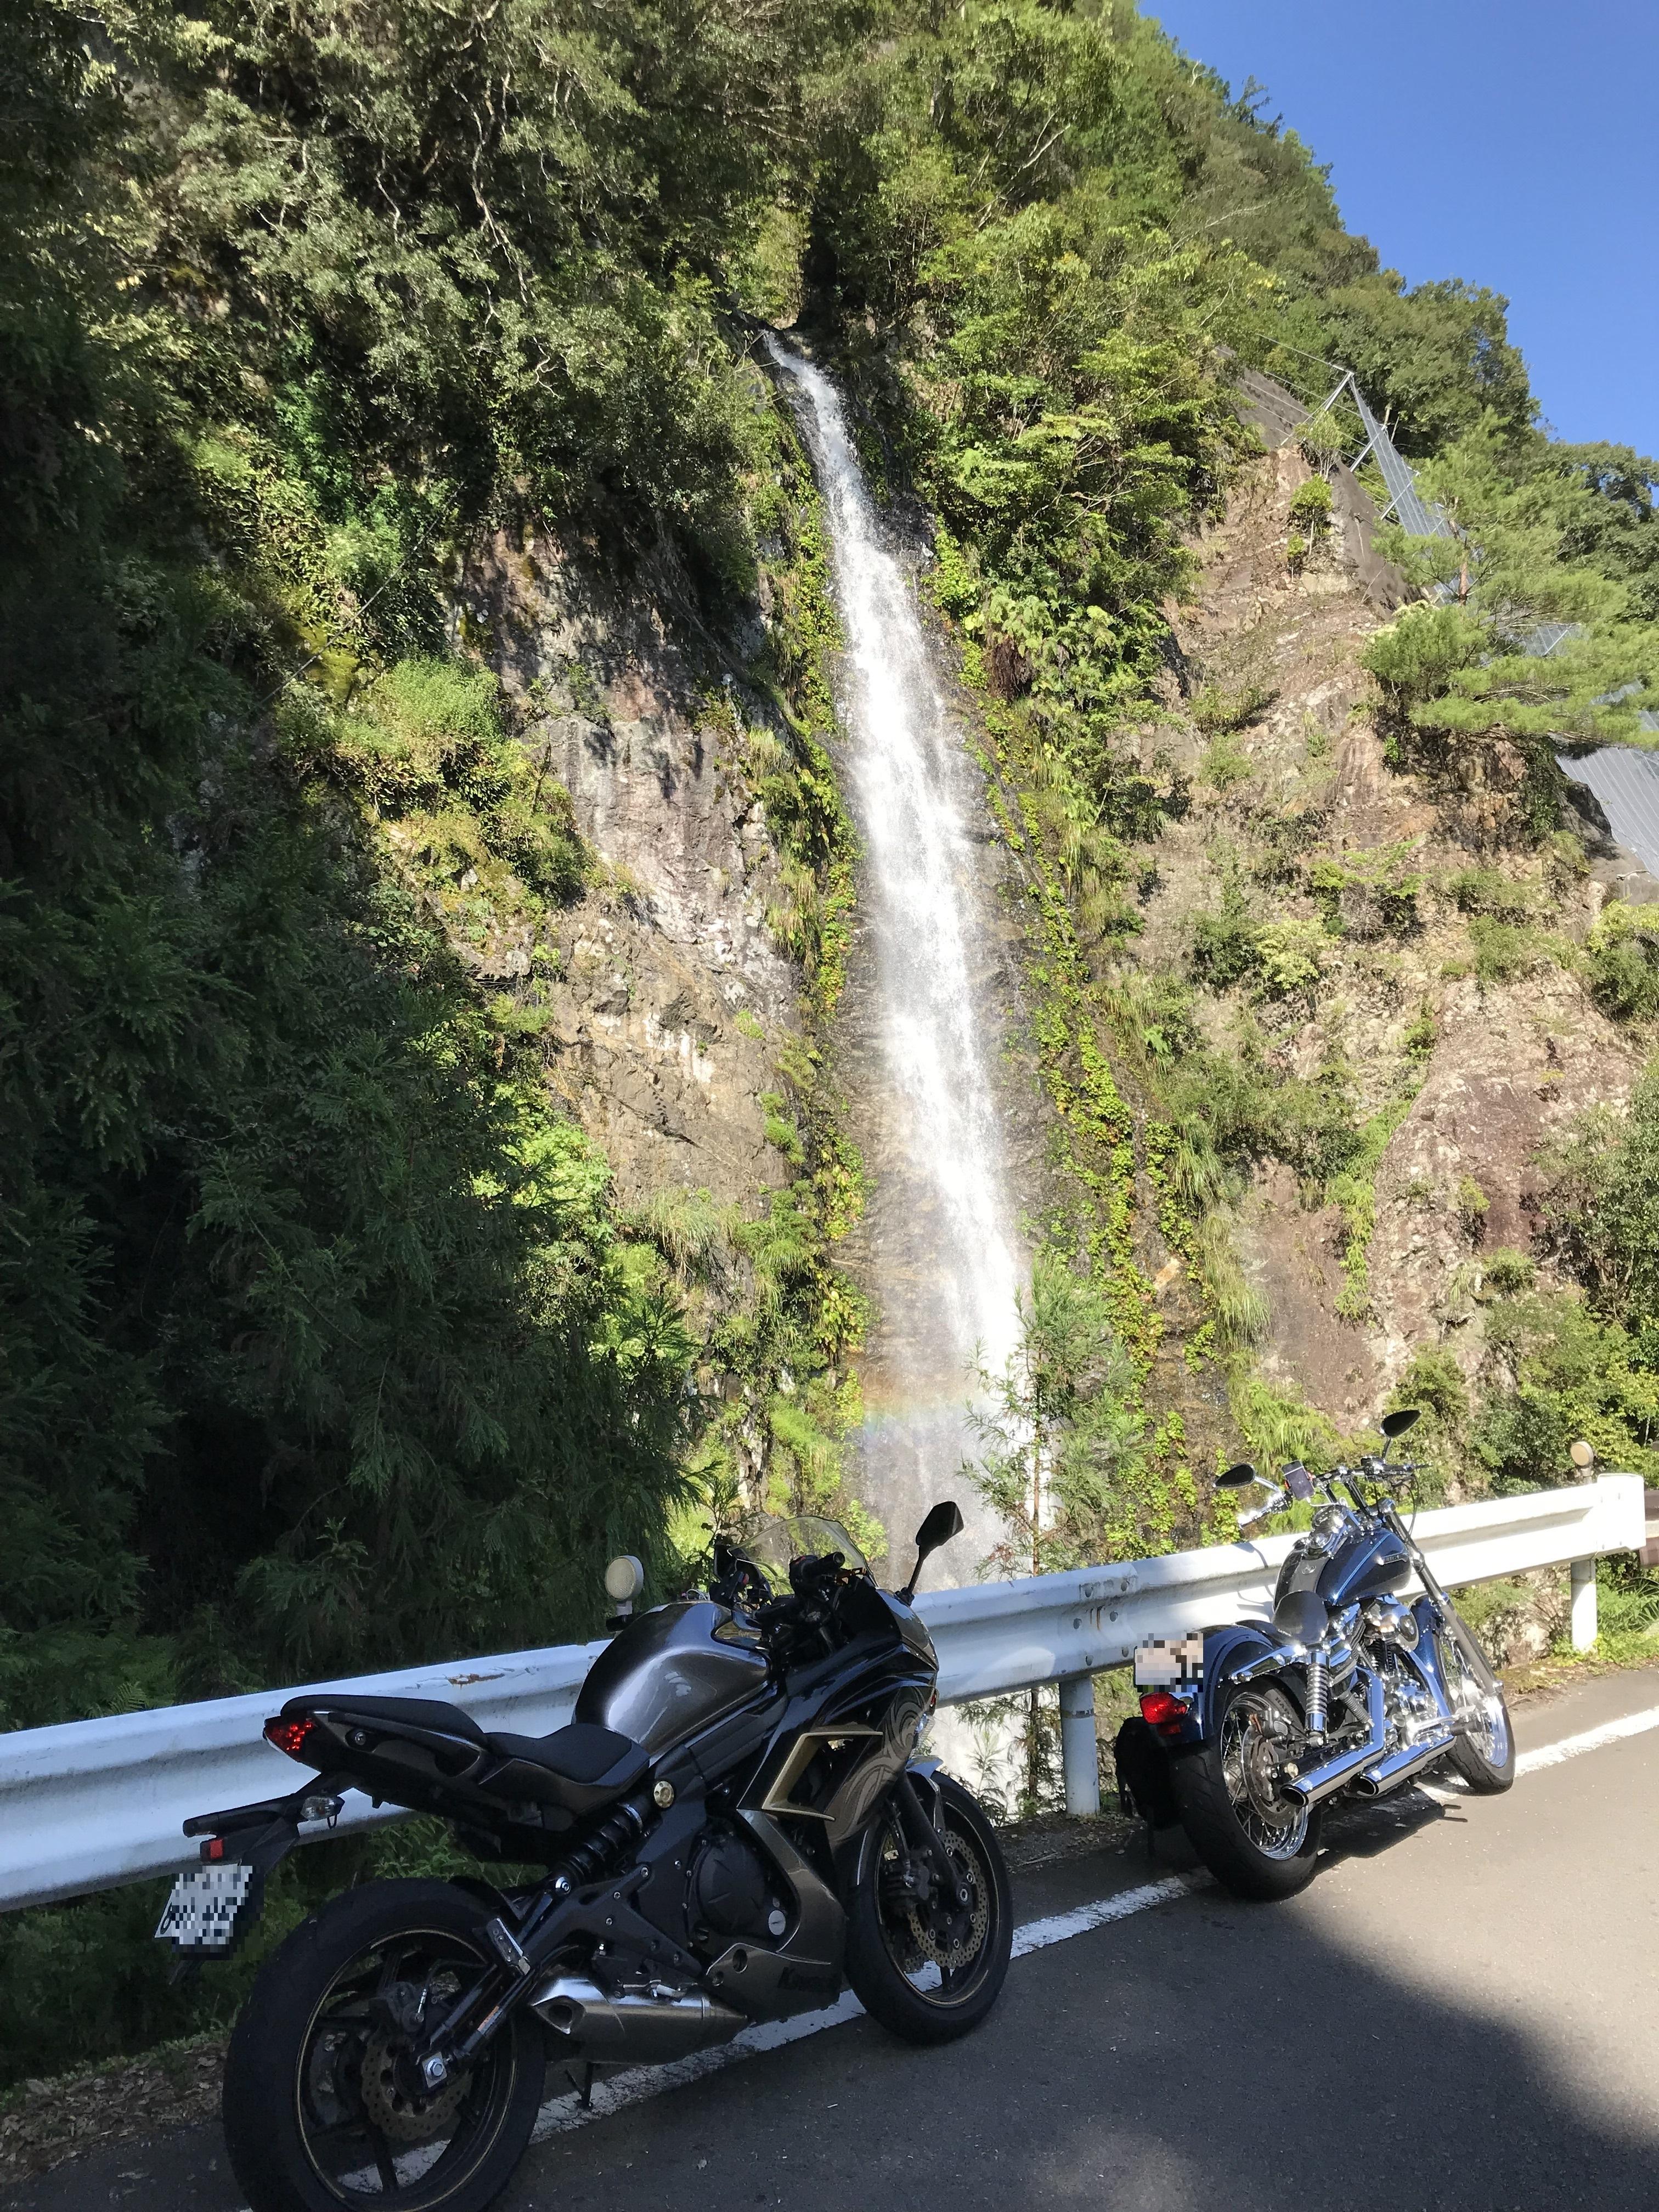 ぴーきち&ダイナ ハーレー で行く 十津川村 ツーリング 雷の滝